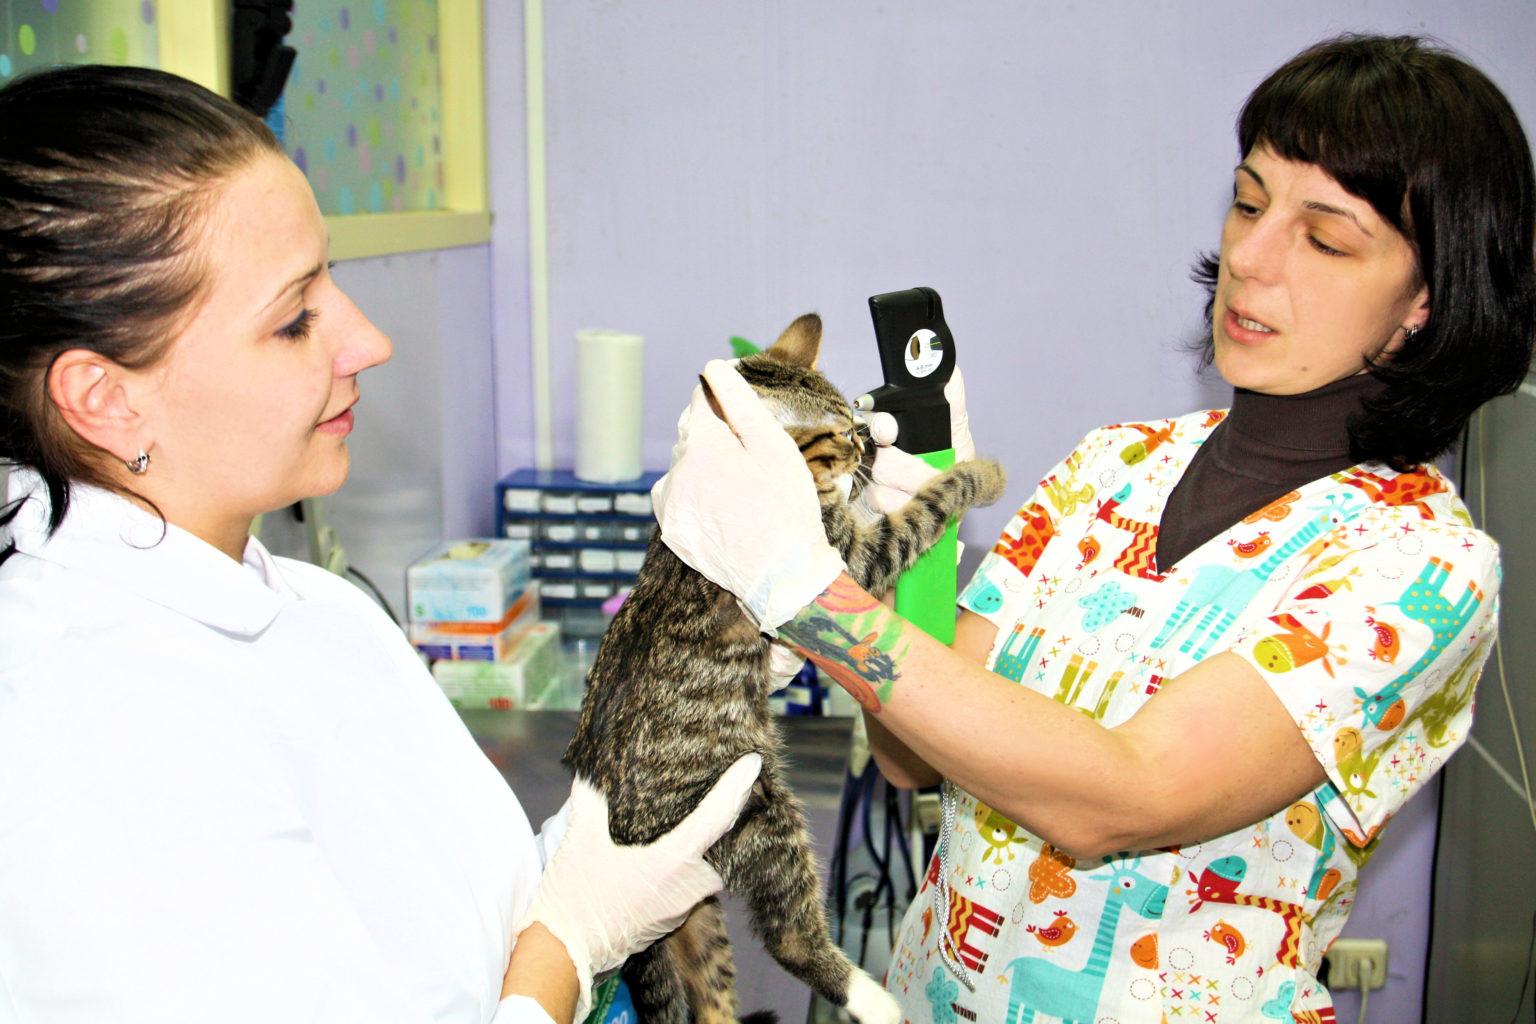 Ветеринарный врач Мельникова Ольга Леонидовна проводит офтальмологический осмотр питомца новым офтальмоскопом.